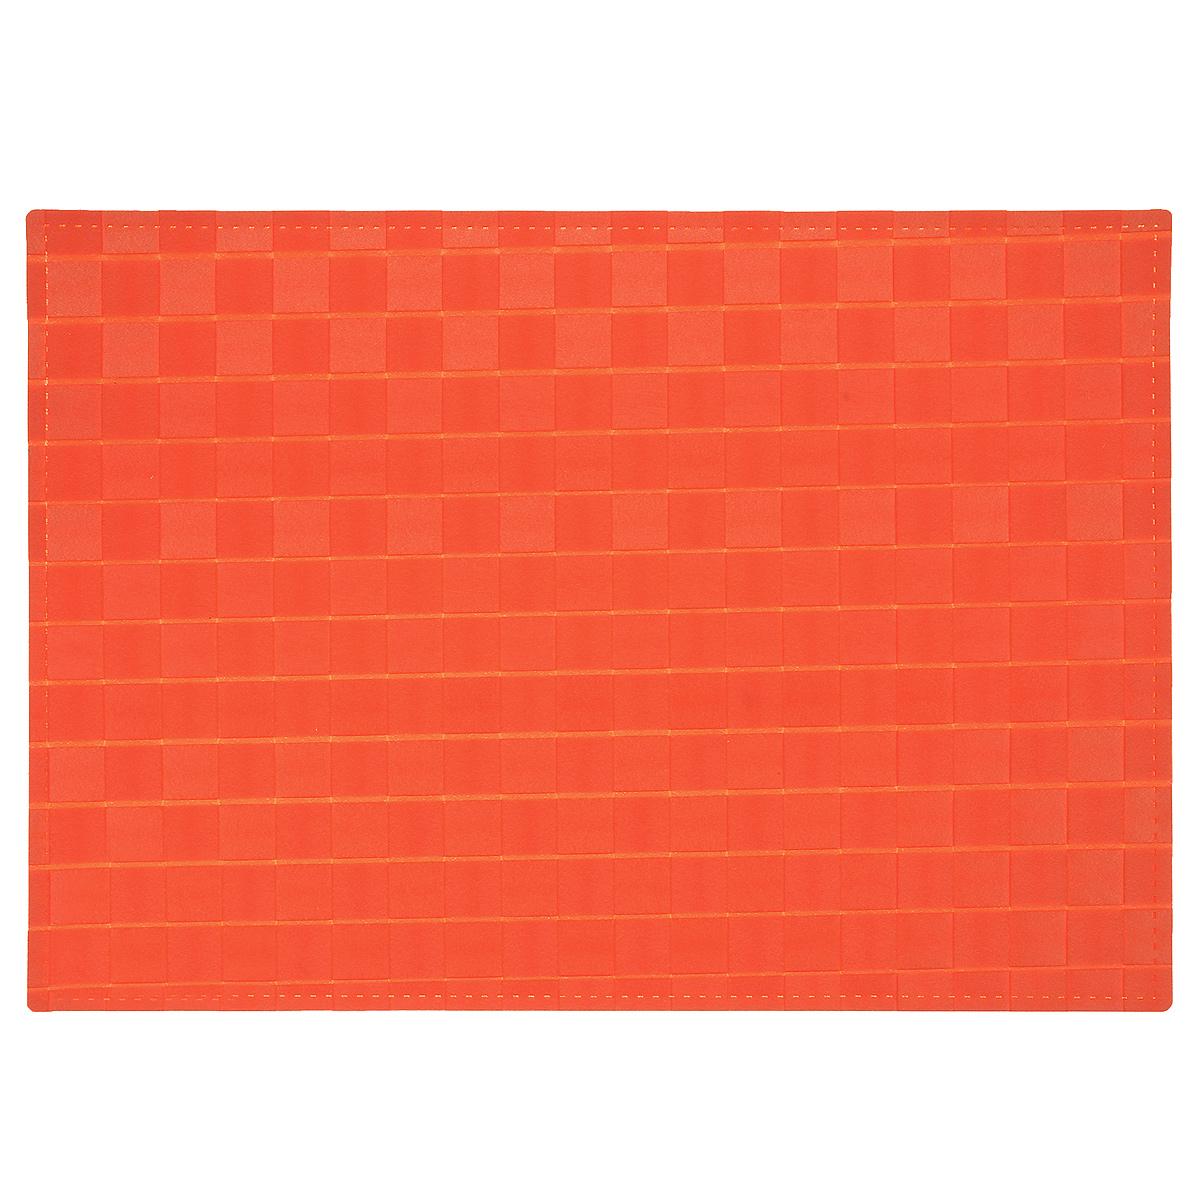 Подставка под горячее Hans & Gretchen, цвет: оранжевый, 45 х 30 см. 28HZ-904328HZ-9043Плетеная прямоугольная подставка под горячее Amadeus выполнена из мягкого цветного пластика. Подставка не боится высоких температур и легко чистится от пятен и жира. Каждая хозяйка знает, что подставка под горячее - это незаменимый и очень полезный аксессуар на каждой кухне. Ваш стол будет не только украшен оригинальной подставкой, но и сбережен от воздействия высоких температур ваших кулинарных шедевров. Размер подставки: 43 см х 30 см.